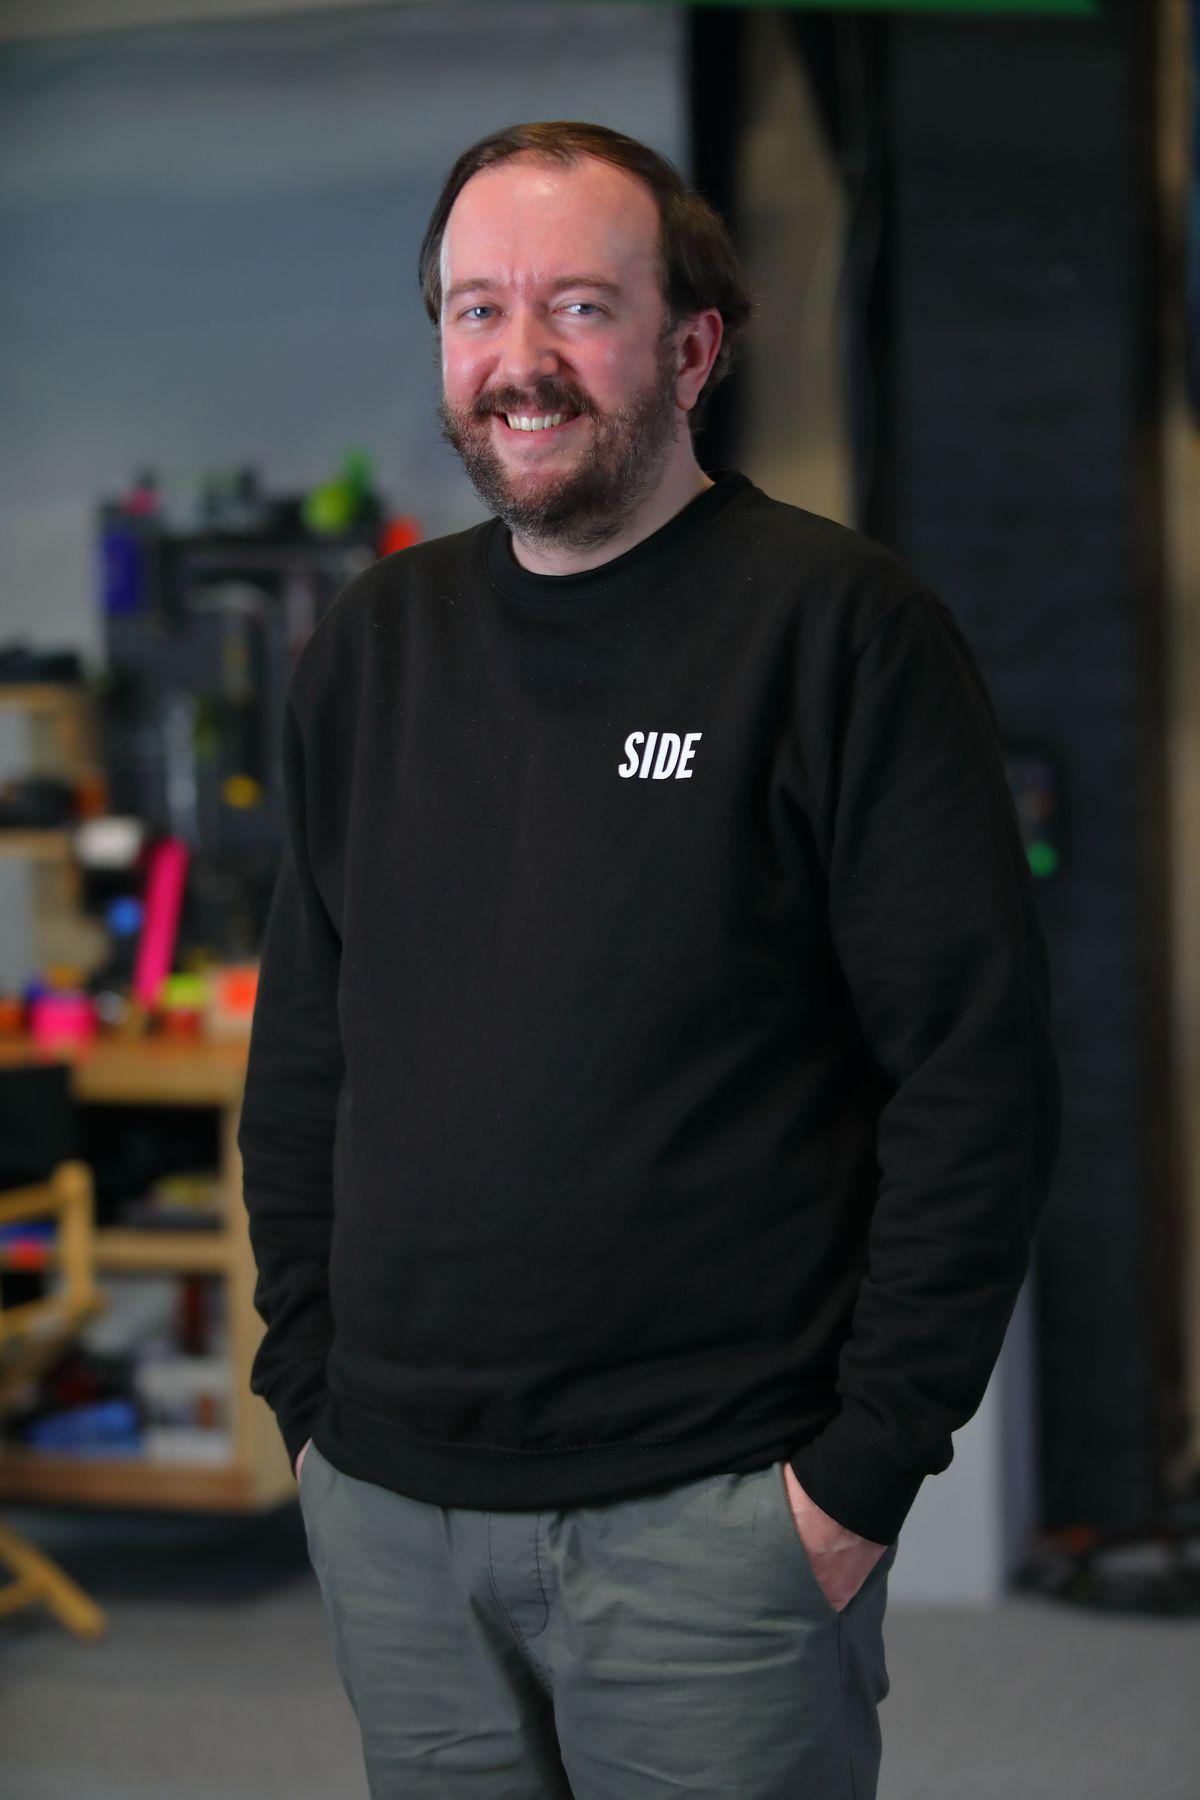 SIDE UK casting director Martin Vaughan